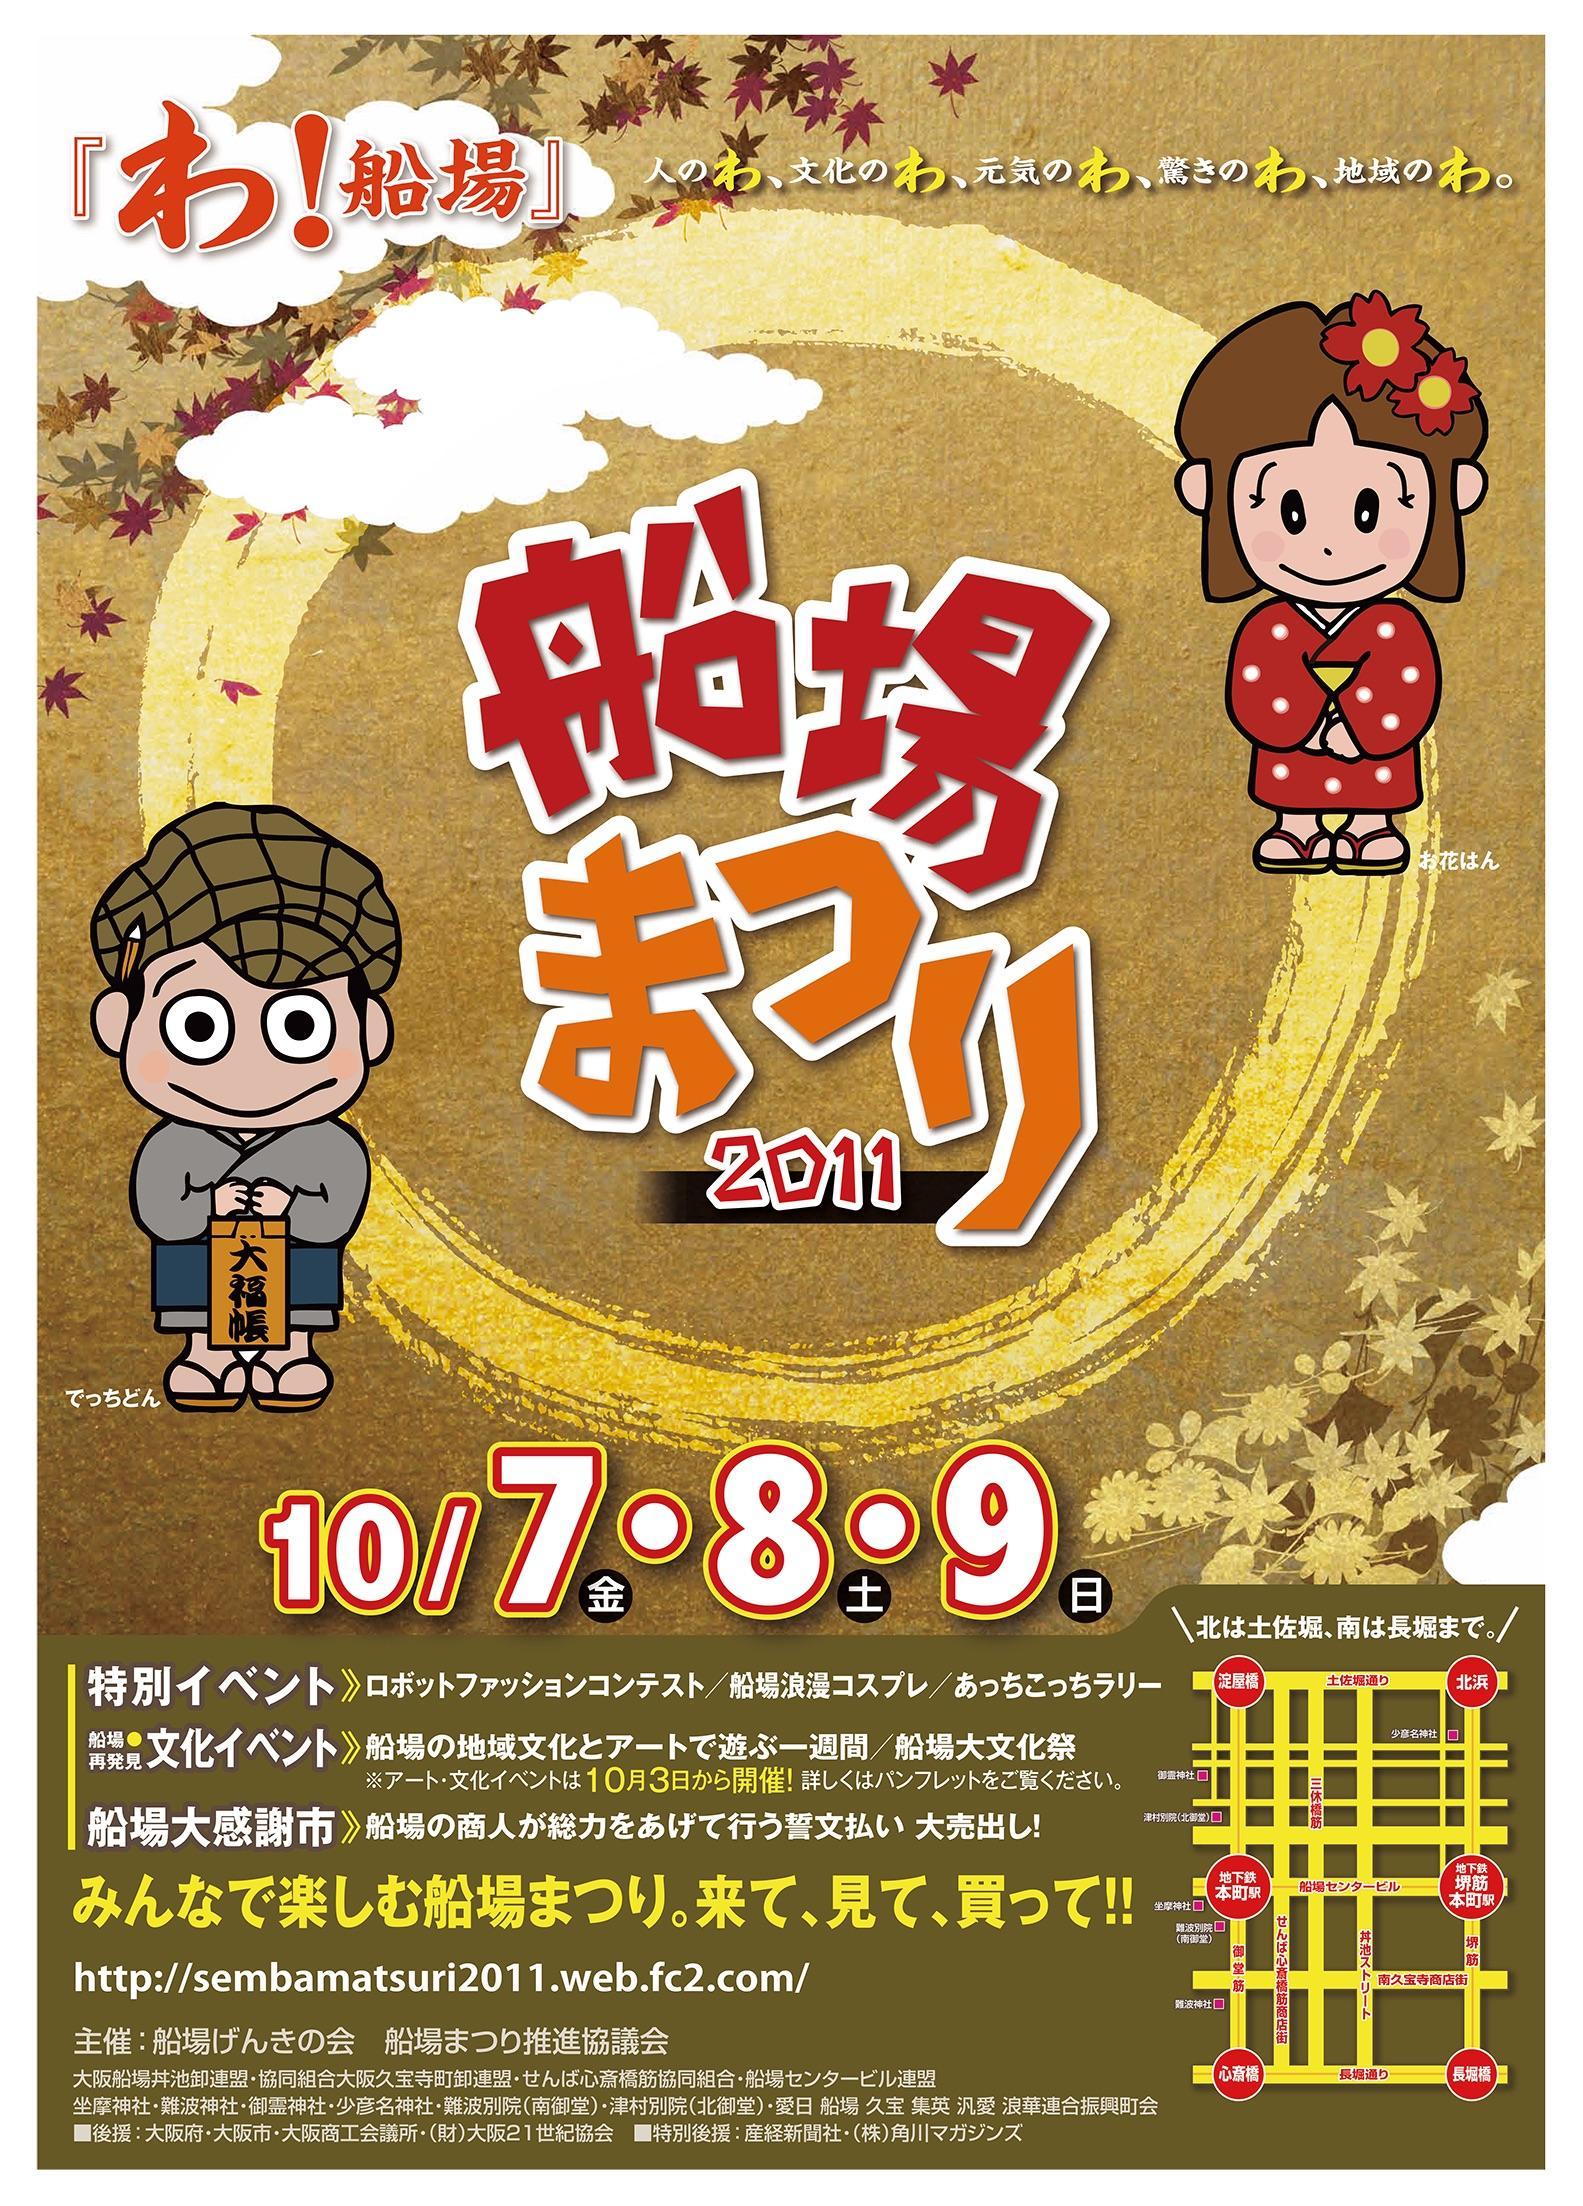 船場まつり 2011/10/7,8,9